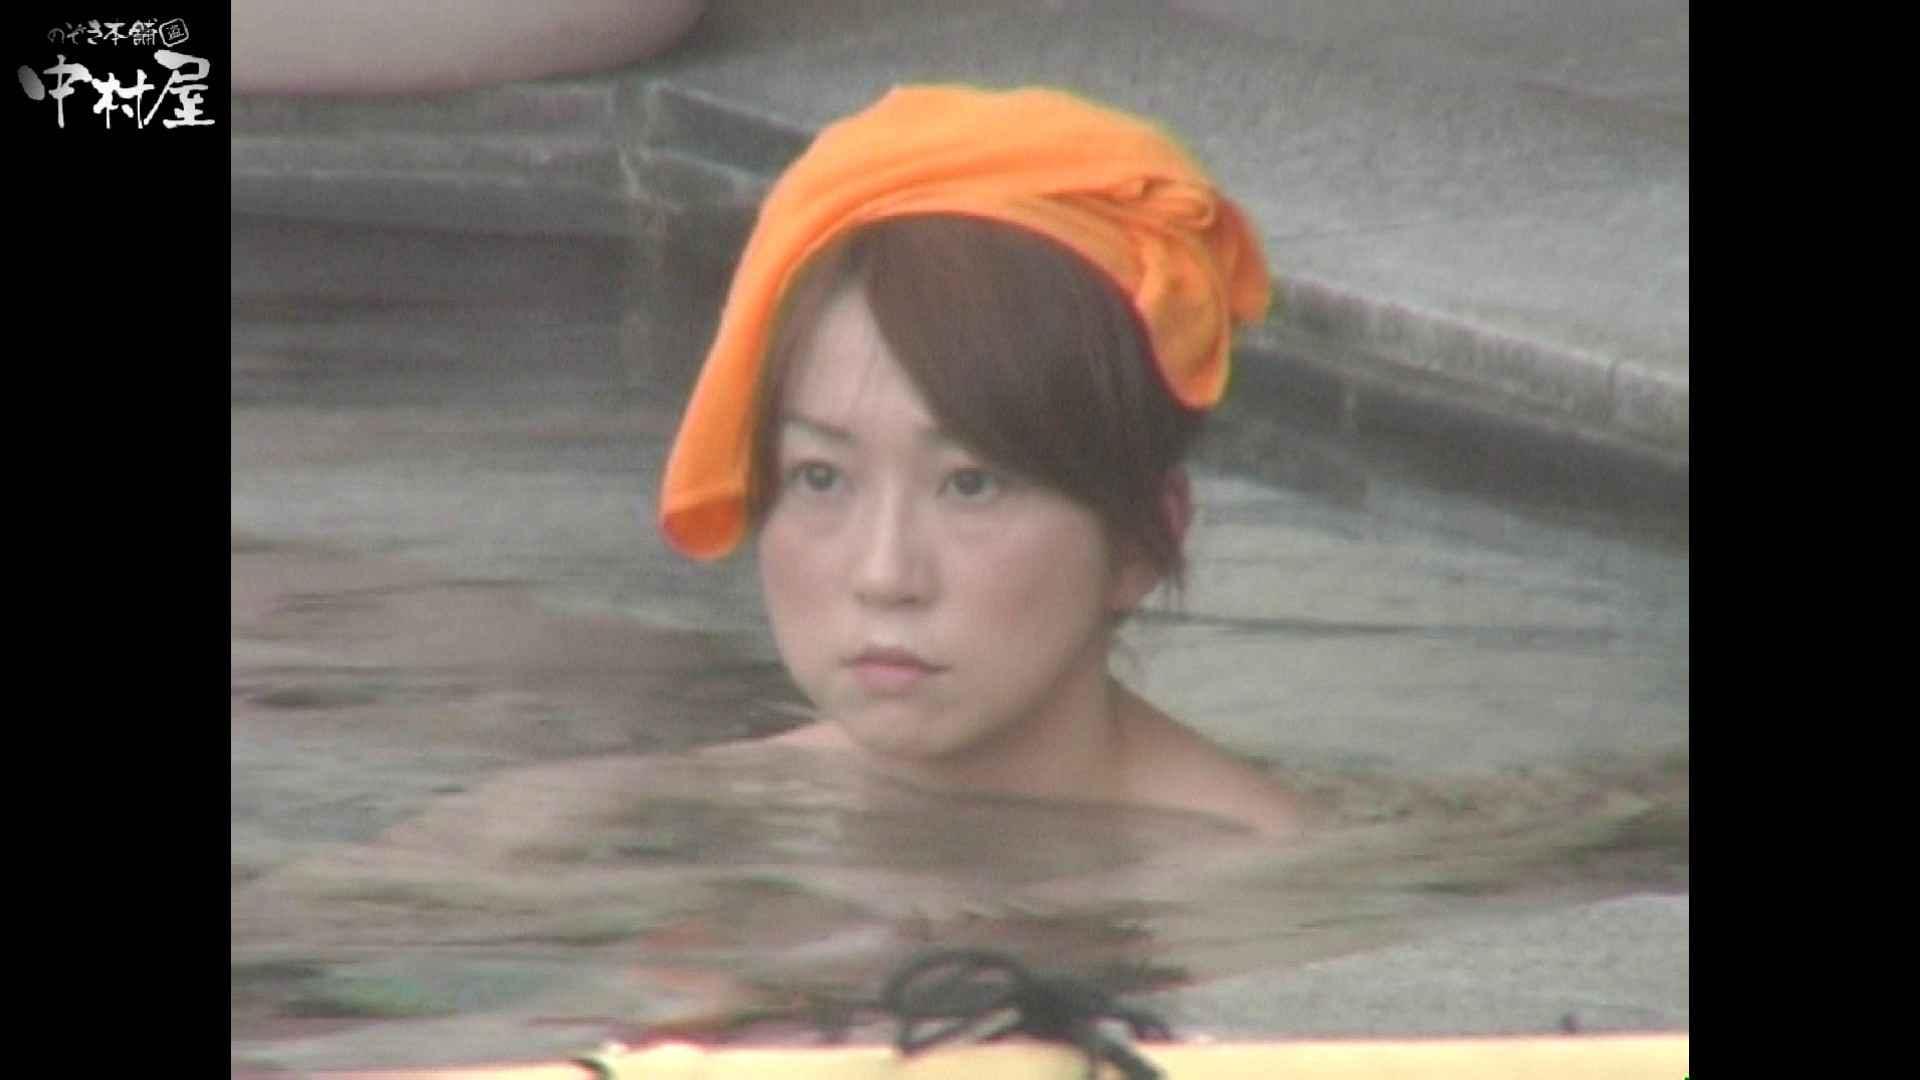 Aquaな露天風呂Vol.941 OLのエロ生活 アダルト動画キャプチャ 107連発 80